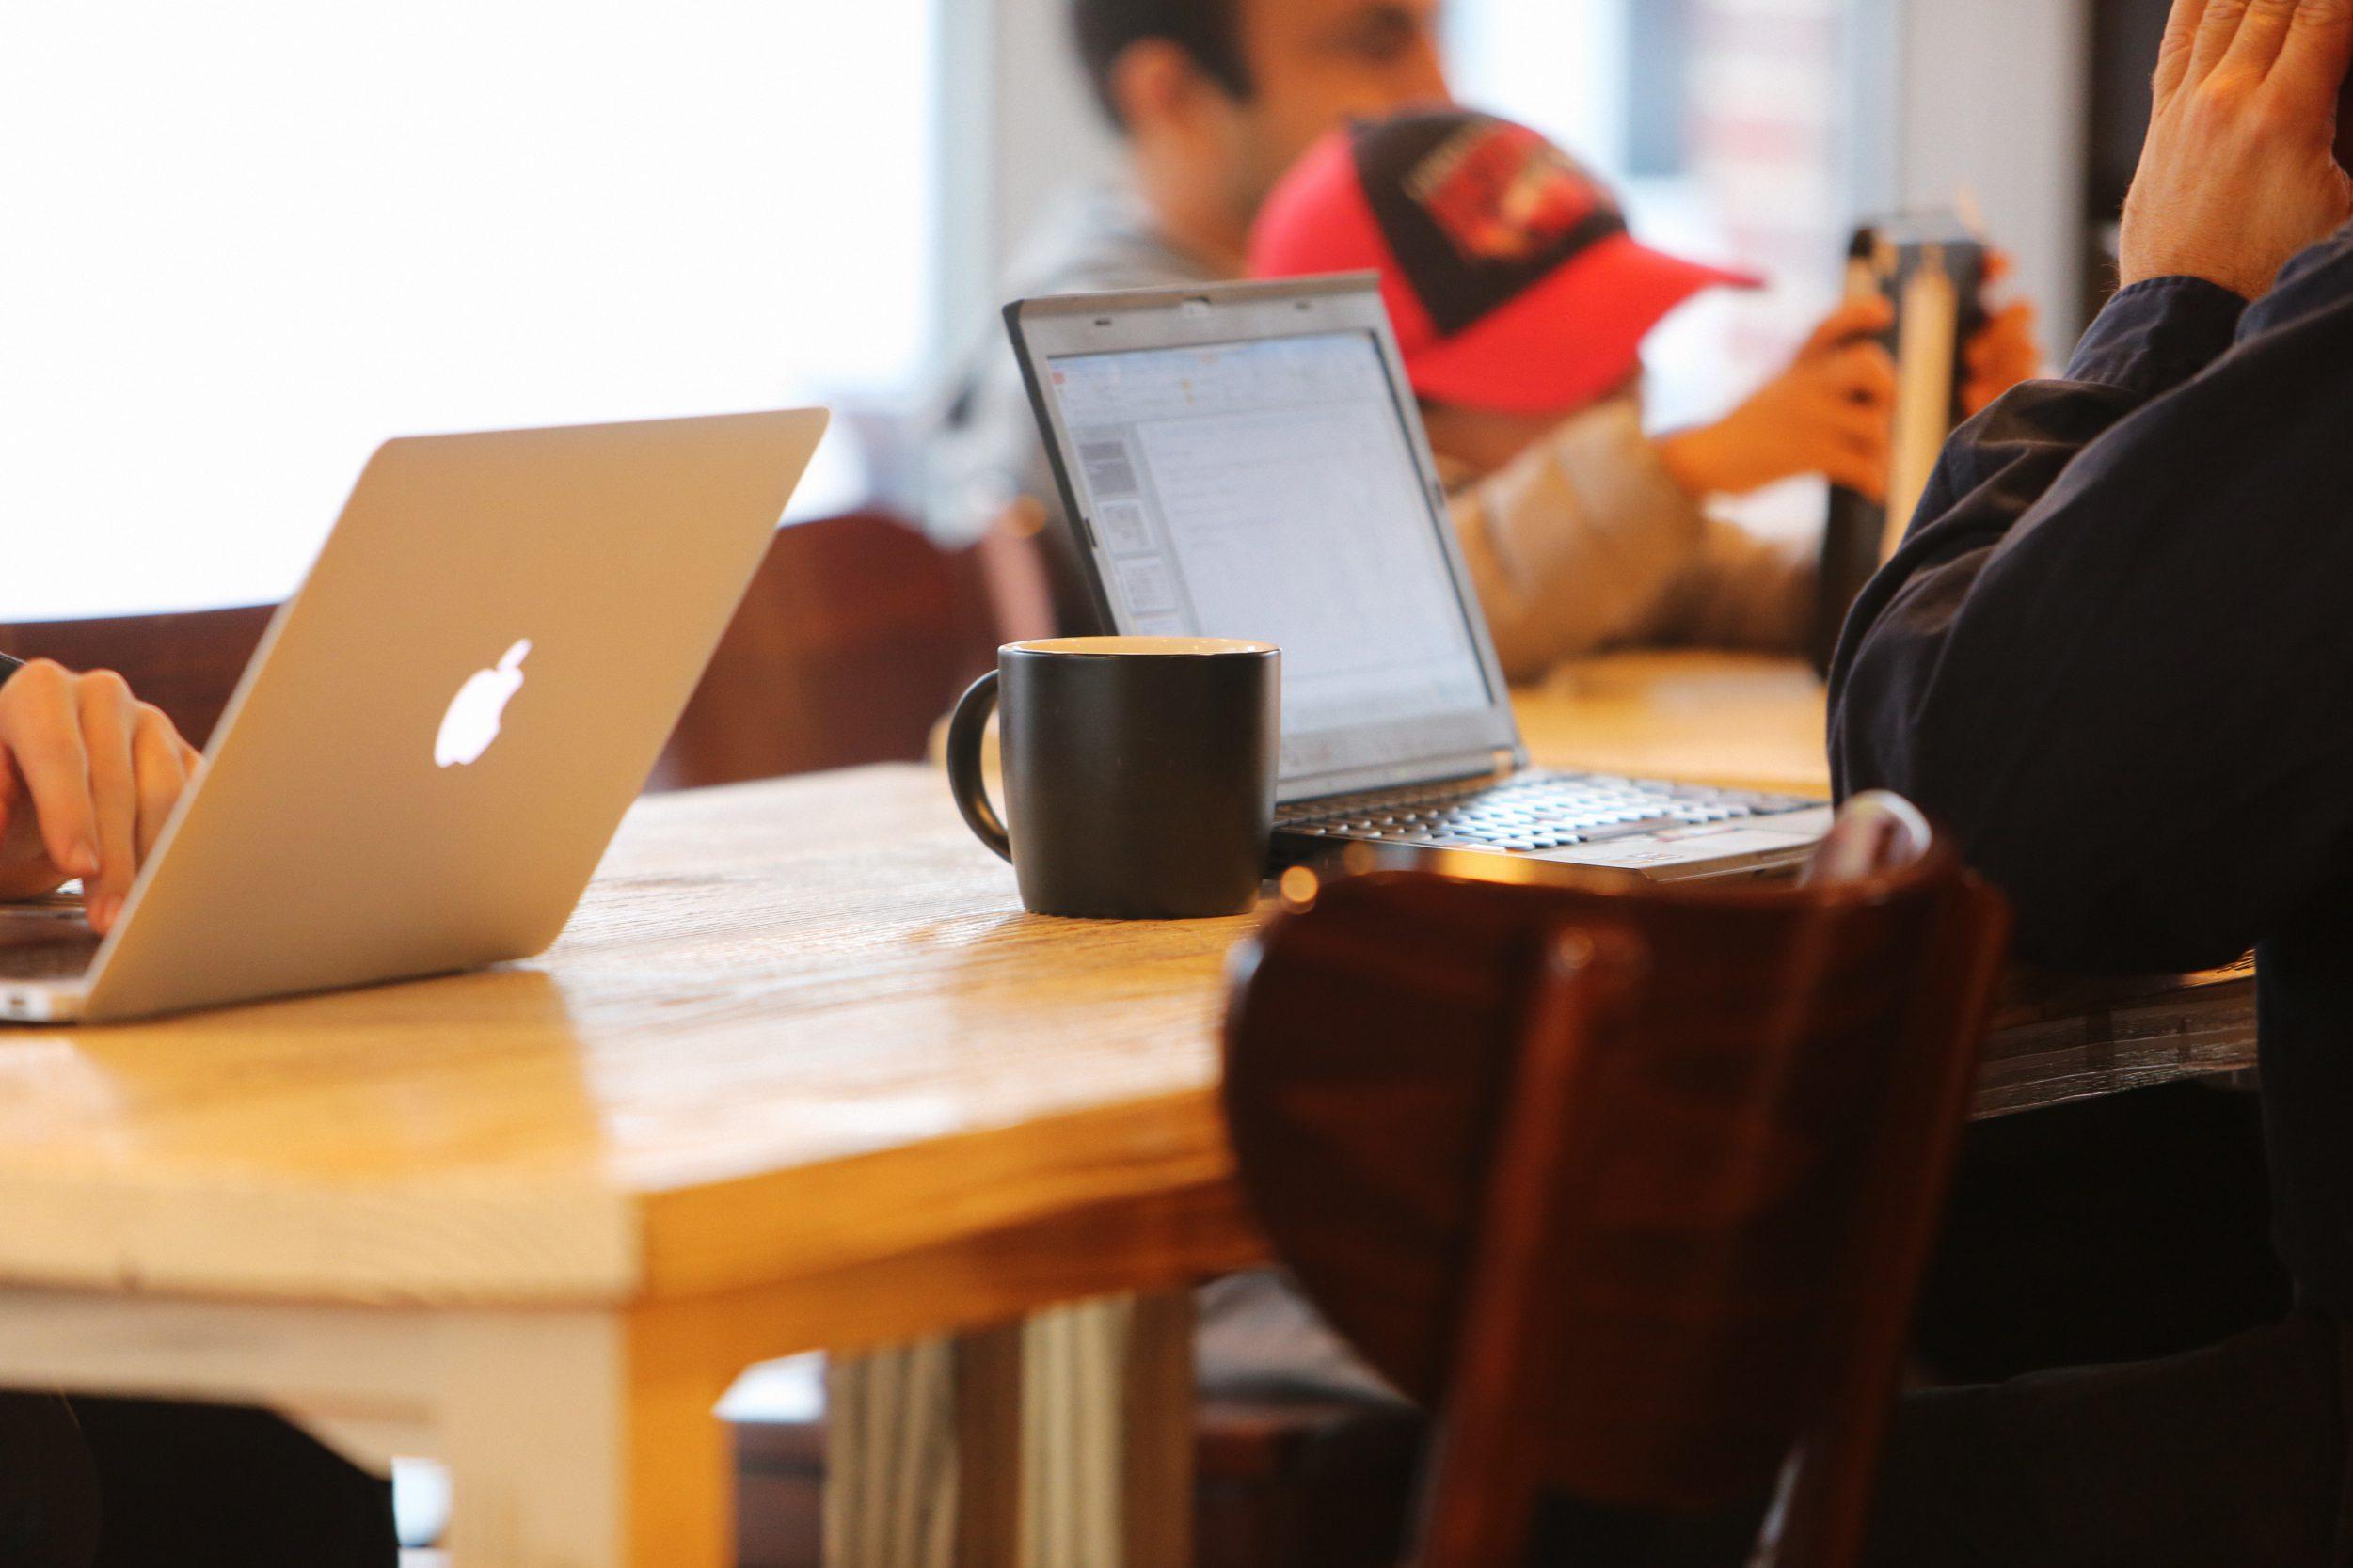 Educação corporativa on-line: como planejar e estimar custo